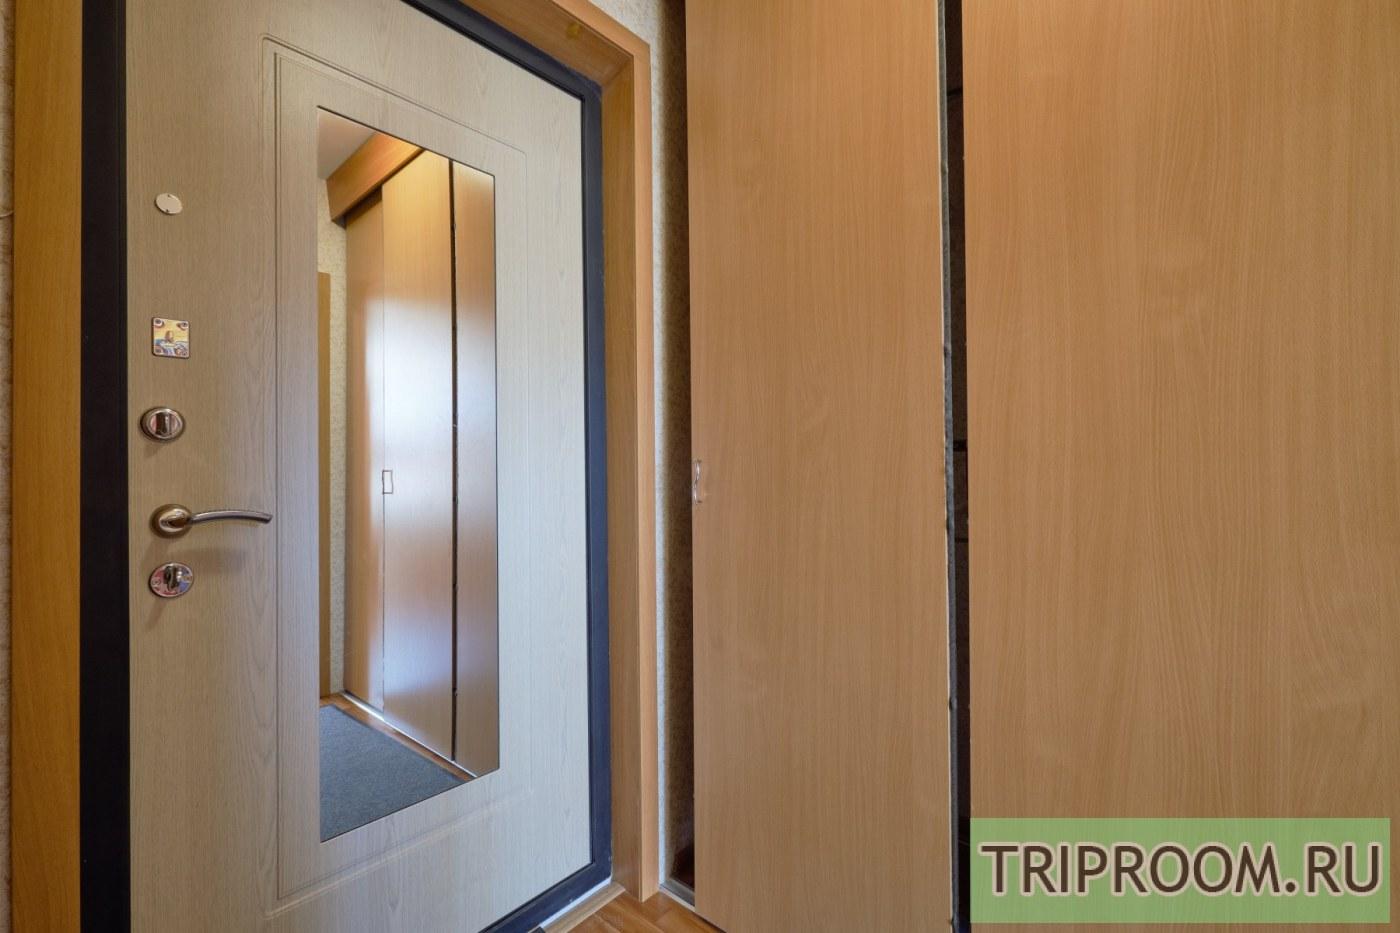 1-комнатная квартира посуточно (вариант № 22818), ул. Бабушкина улица, фото № 36